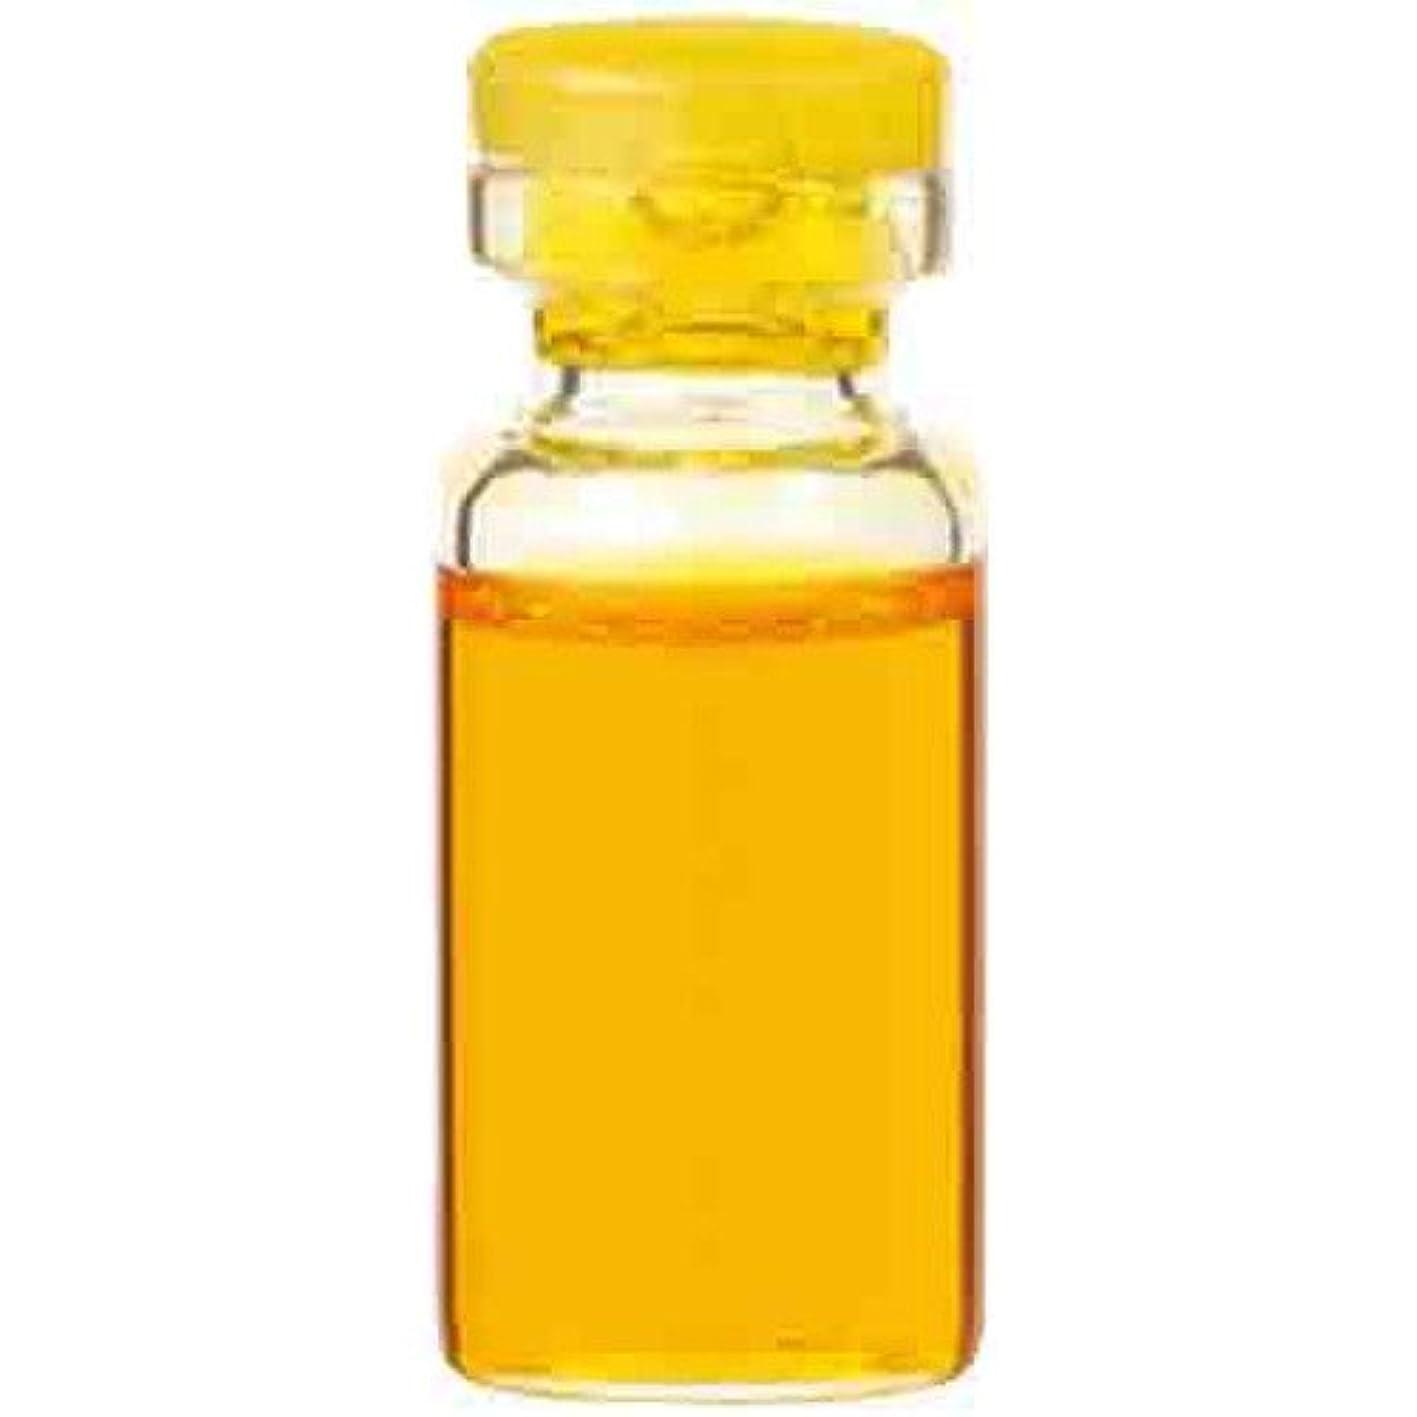 買収同意するスリッパ生活の木 Herbal Life Organic オレンジスイート 10ml